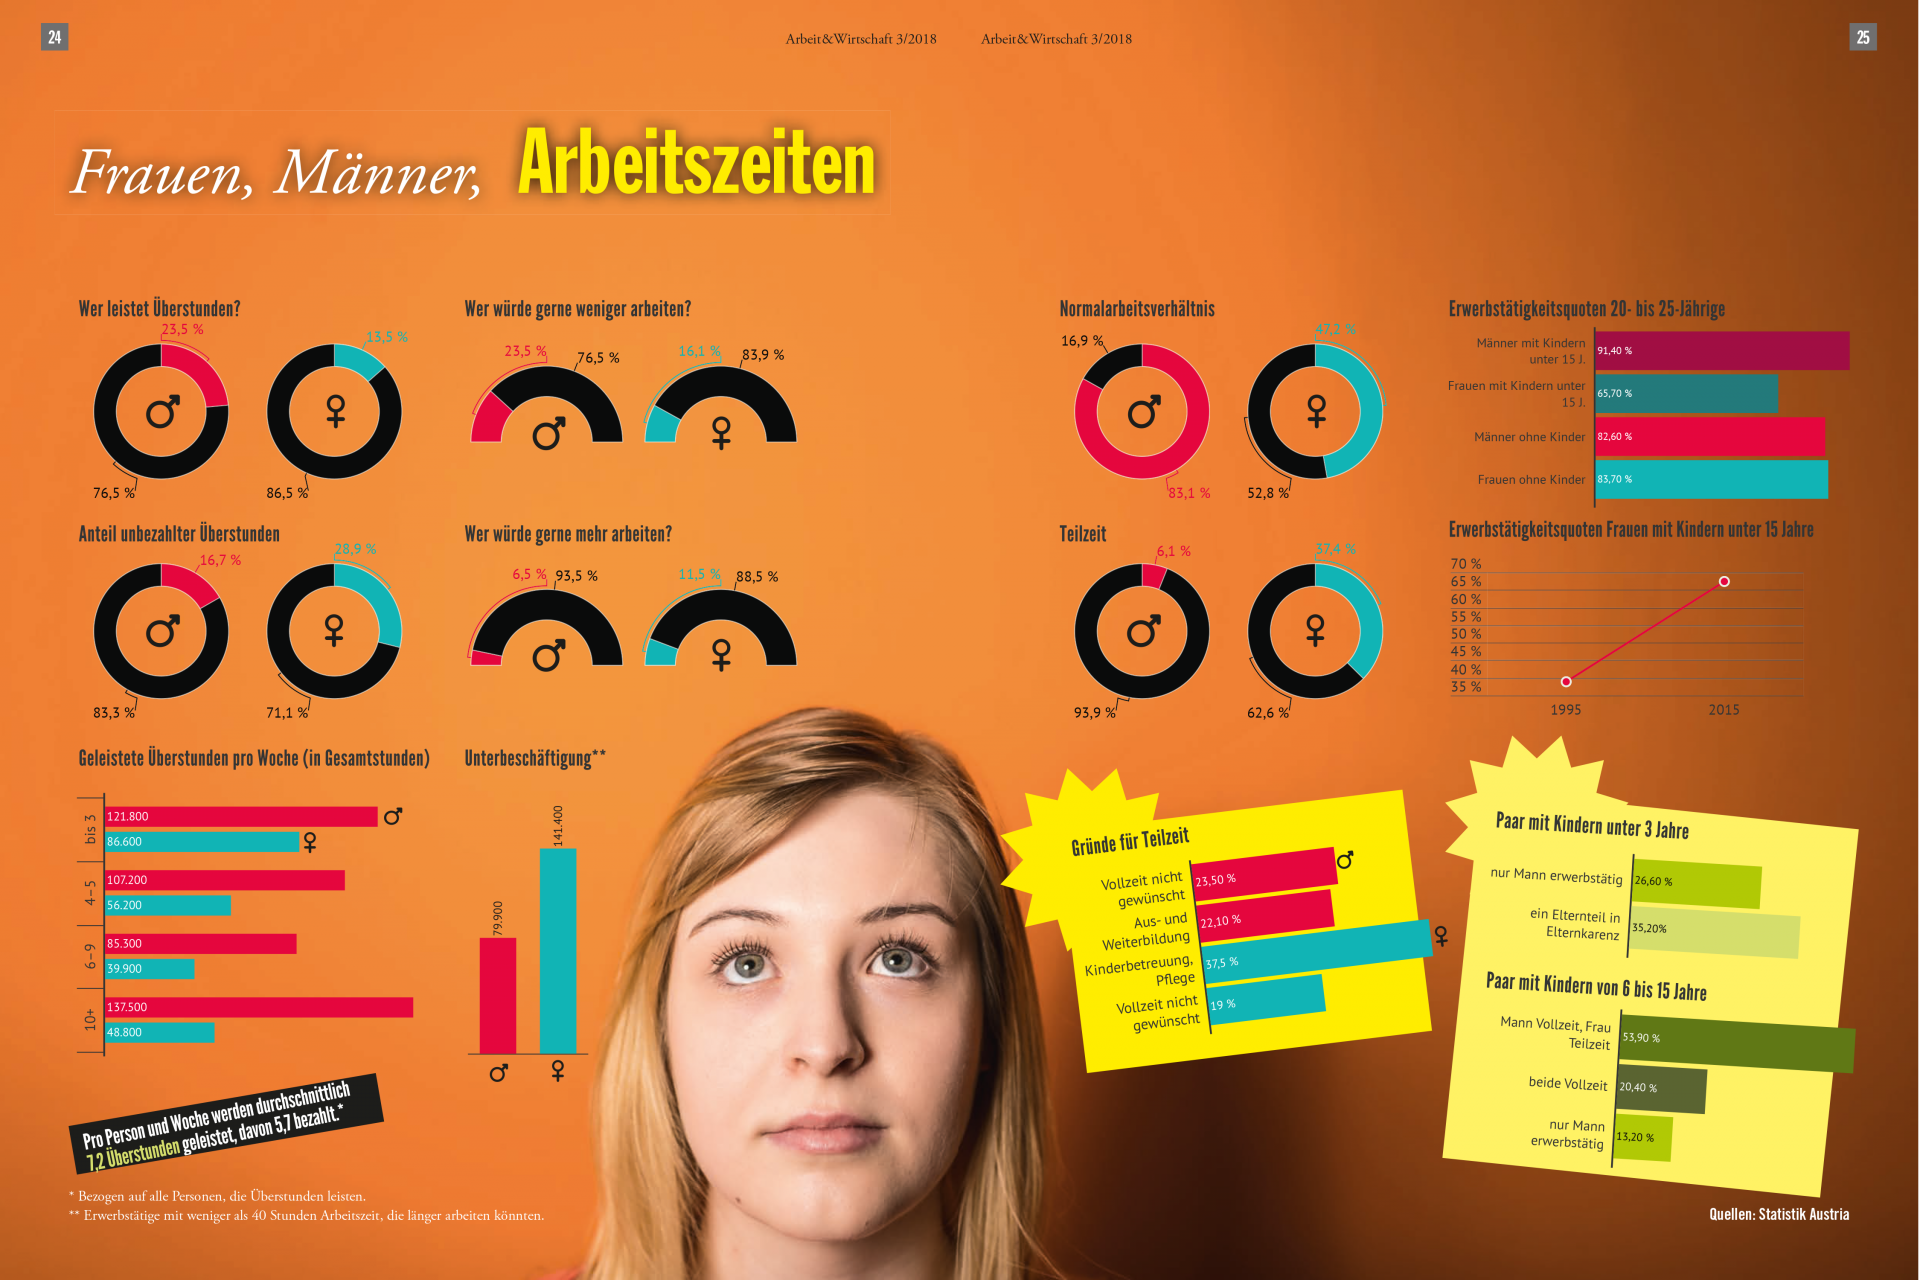 Infografik Frauen, Männer, Arbeitszeiten: Frauen leisten deutlich mehr unbezahlte Überstunden